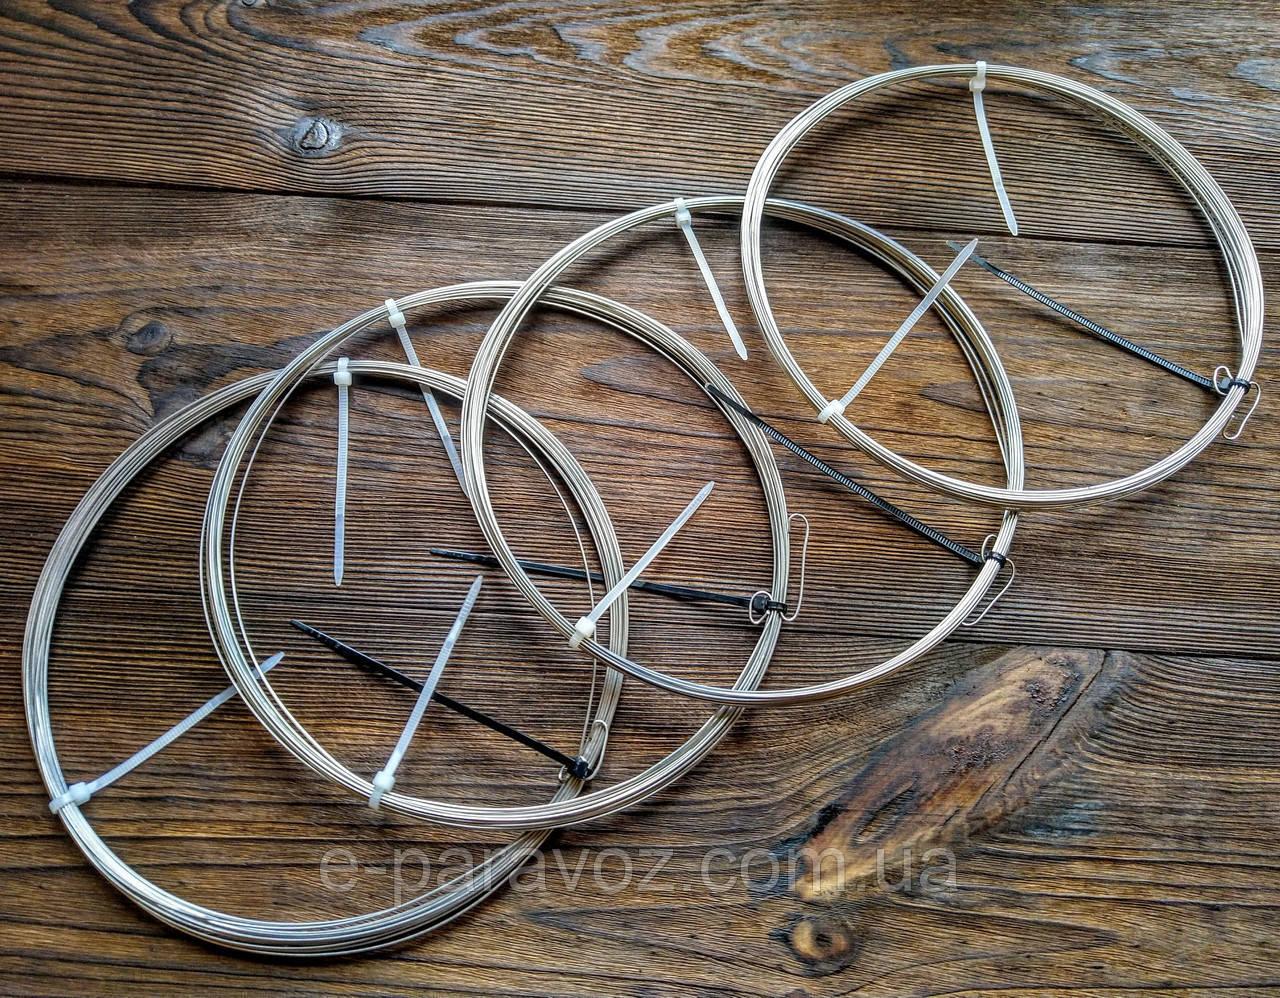 Нержавейка 0.3 мм - 100 метров, проволока для рукоделия цвет серебро, для  бисера